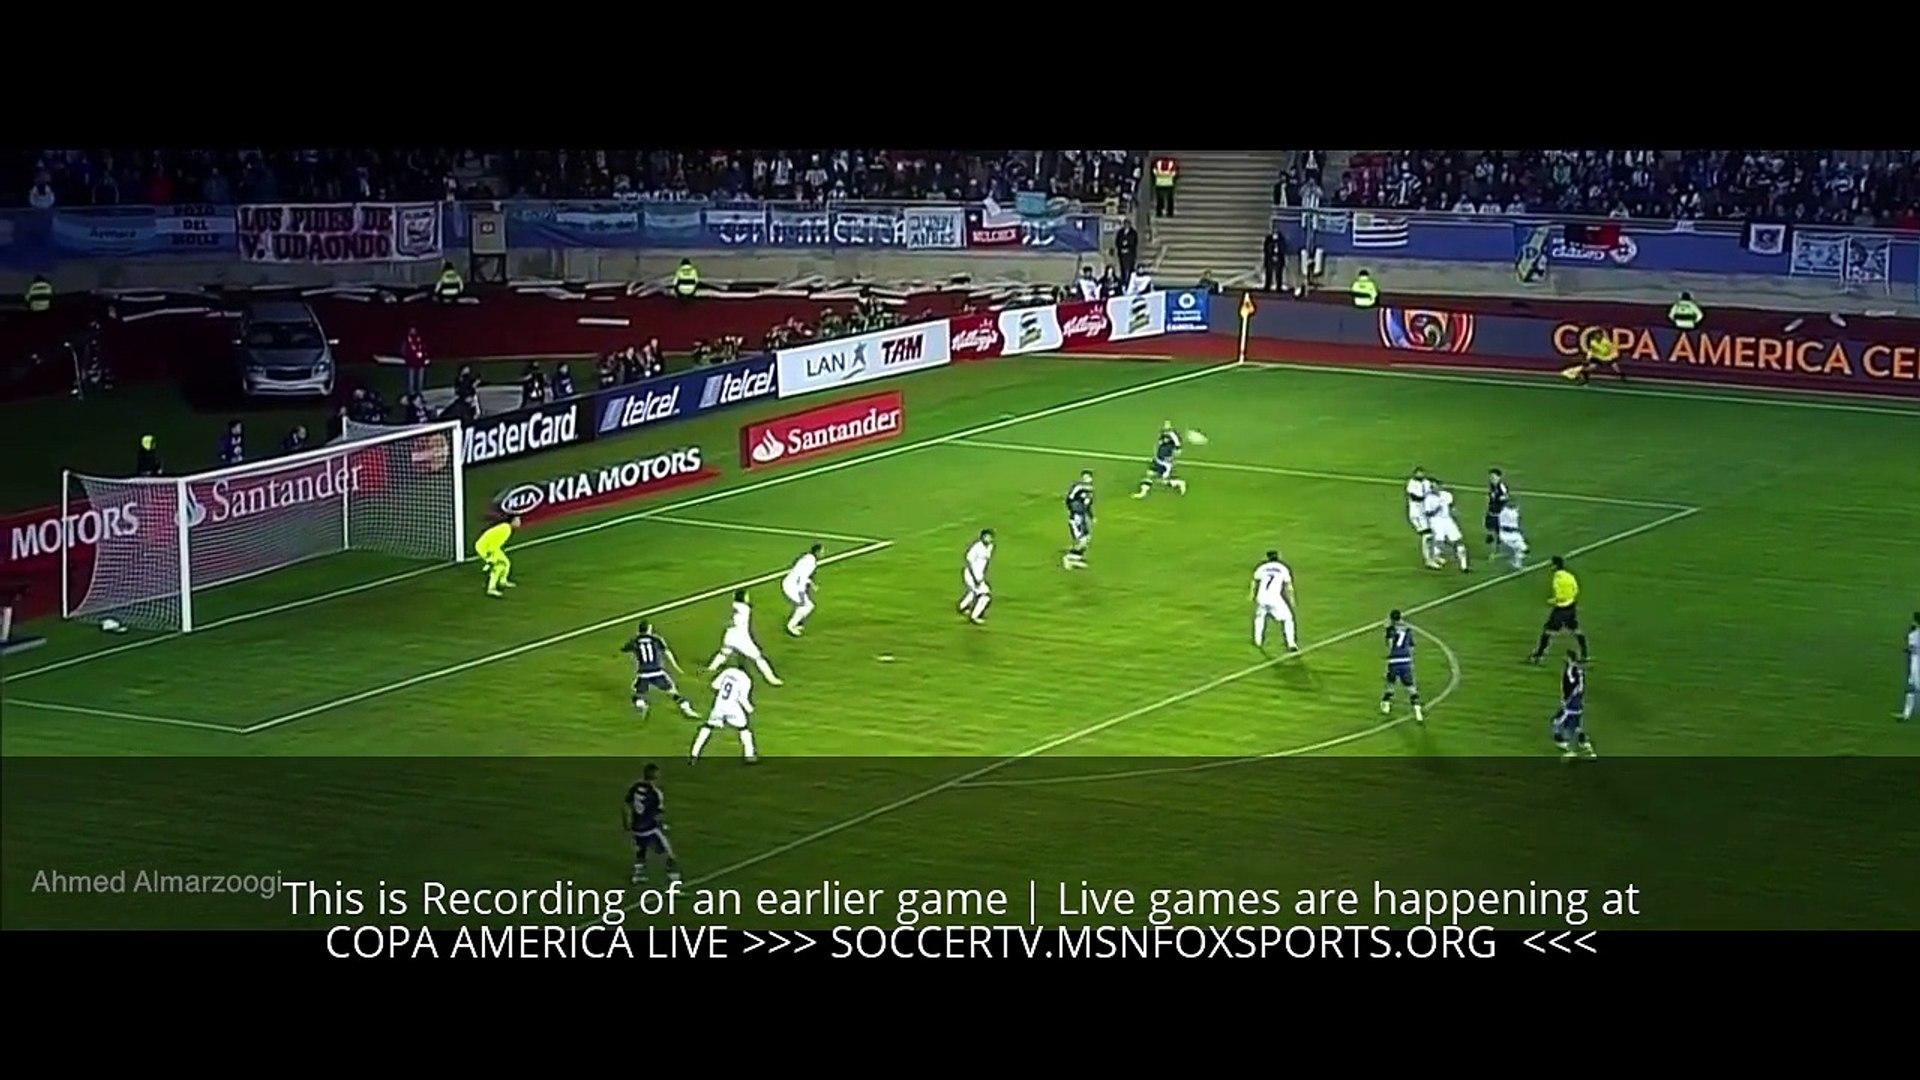 Watch la copa america 2016 grupos - copa america 3x3 - copa america 87 seleccion colombia